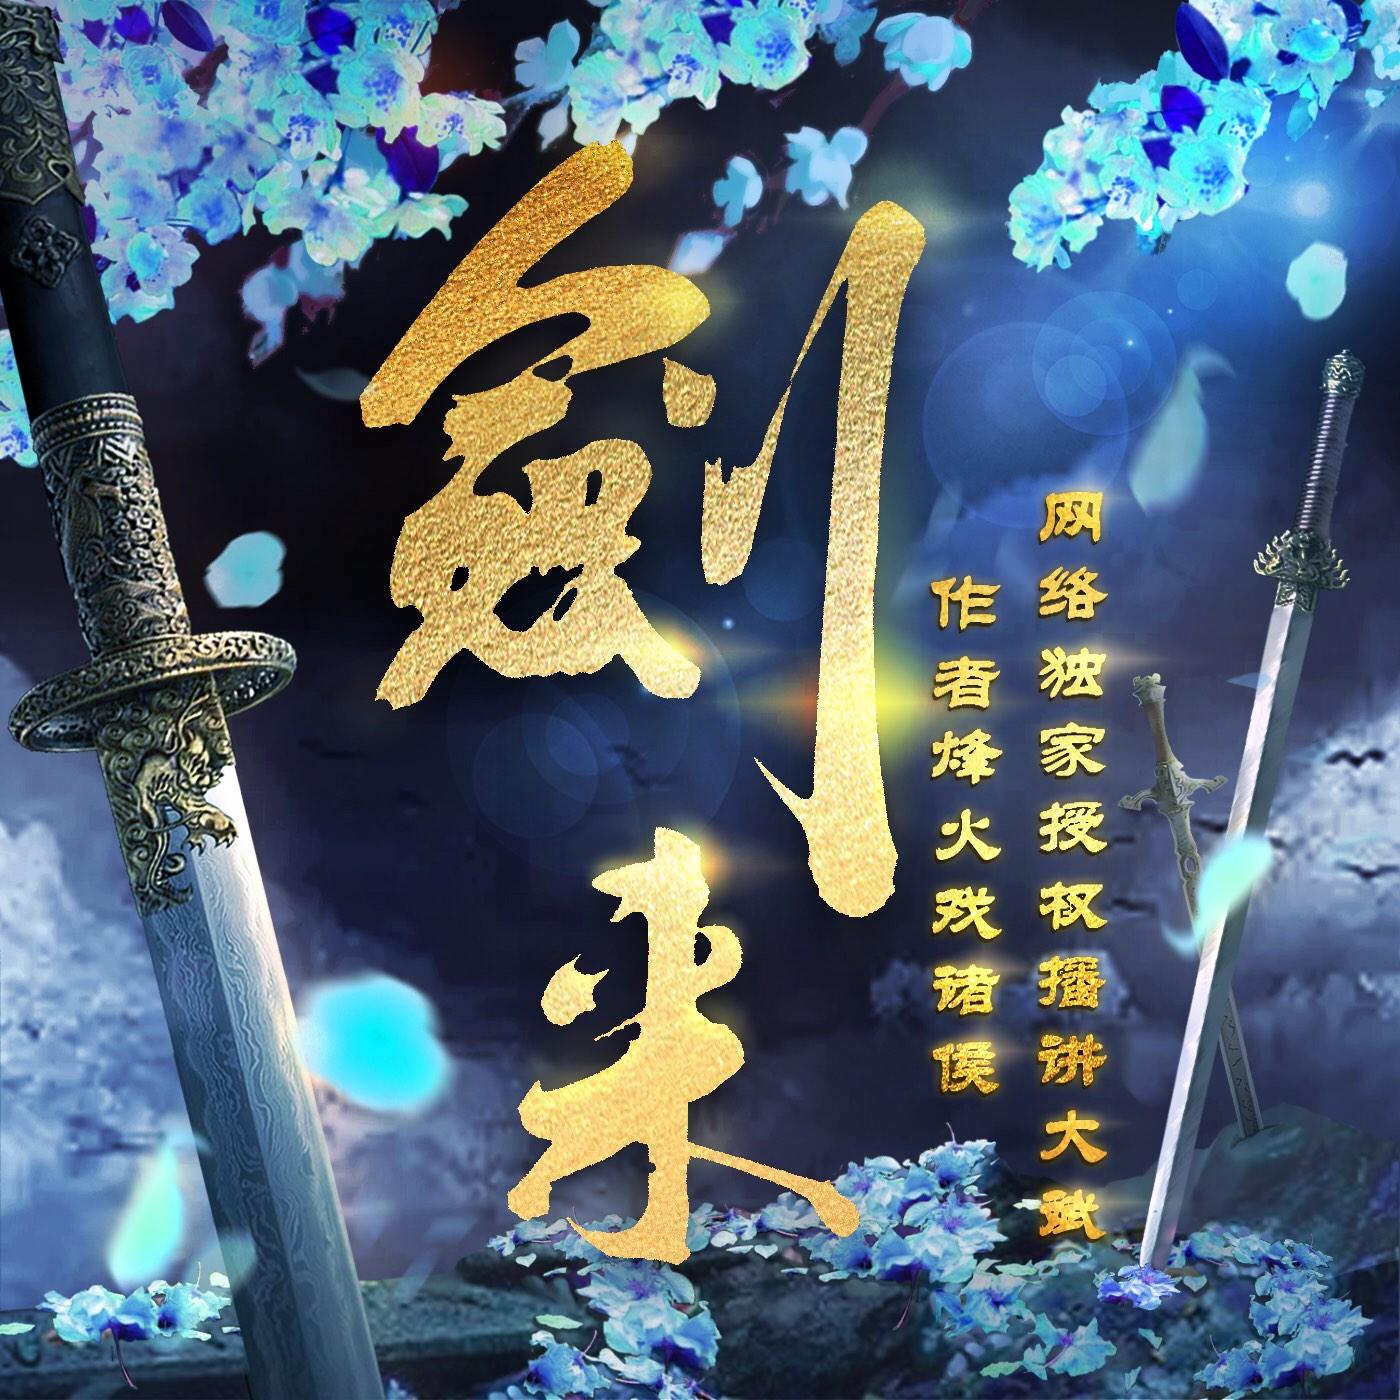 《剑来》| 烽火戏诸侯·大斌小说 完结